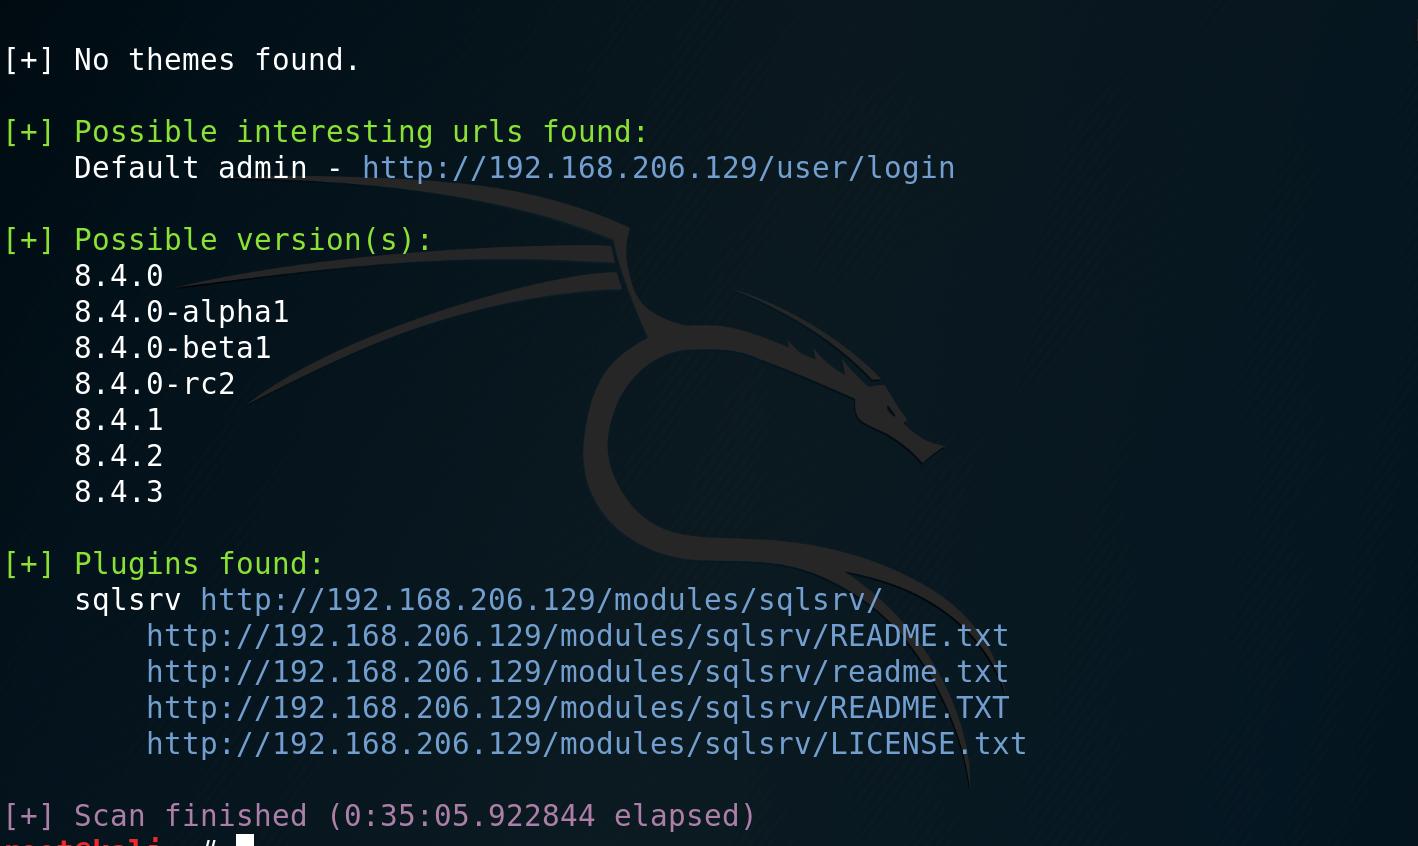 Exploiting Drupalgeddon 2 on Windows